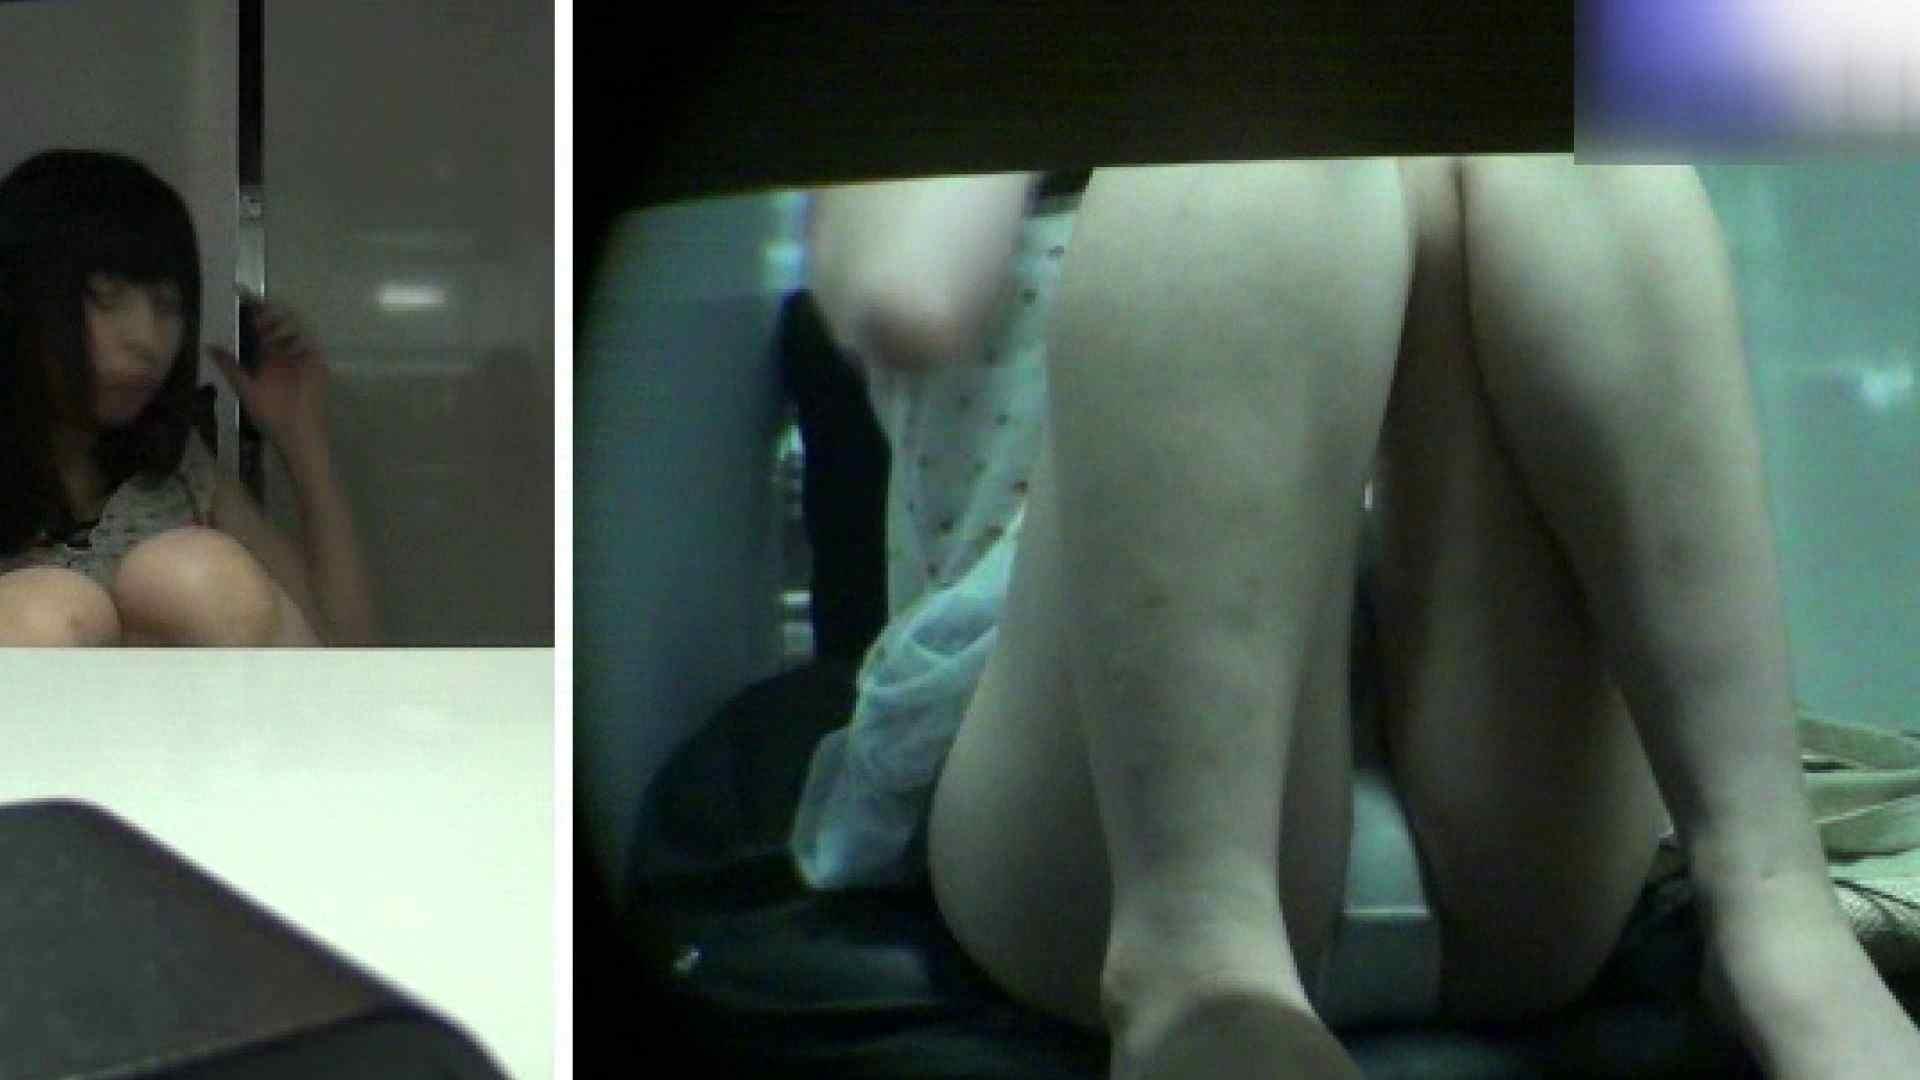 変態オナニー劇場 Vol.24 オナニー SEX無修正画像 26連発 23